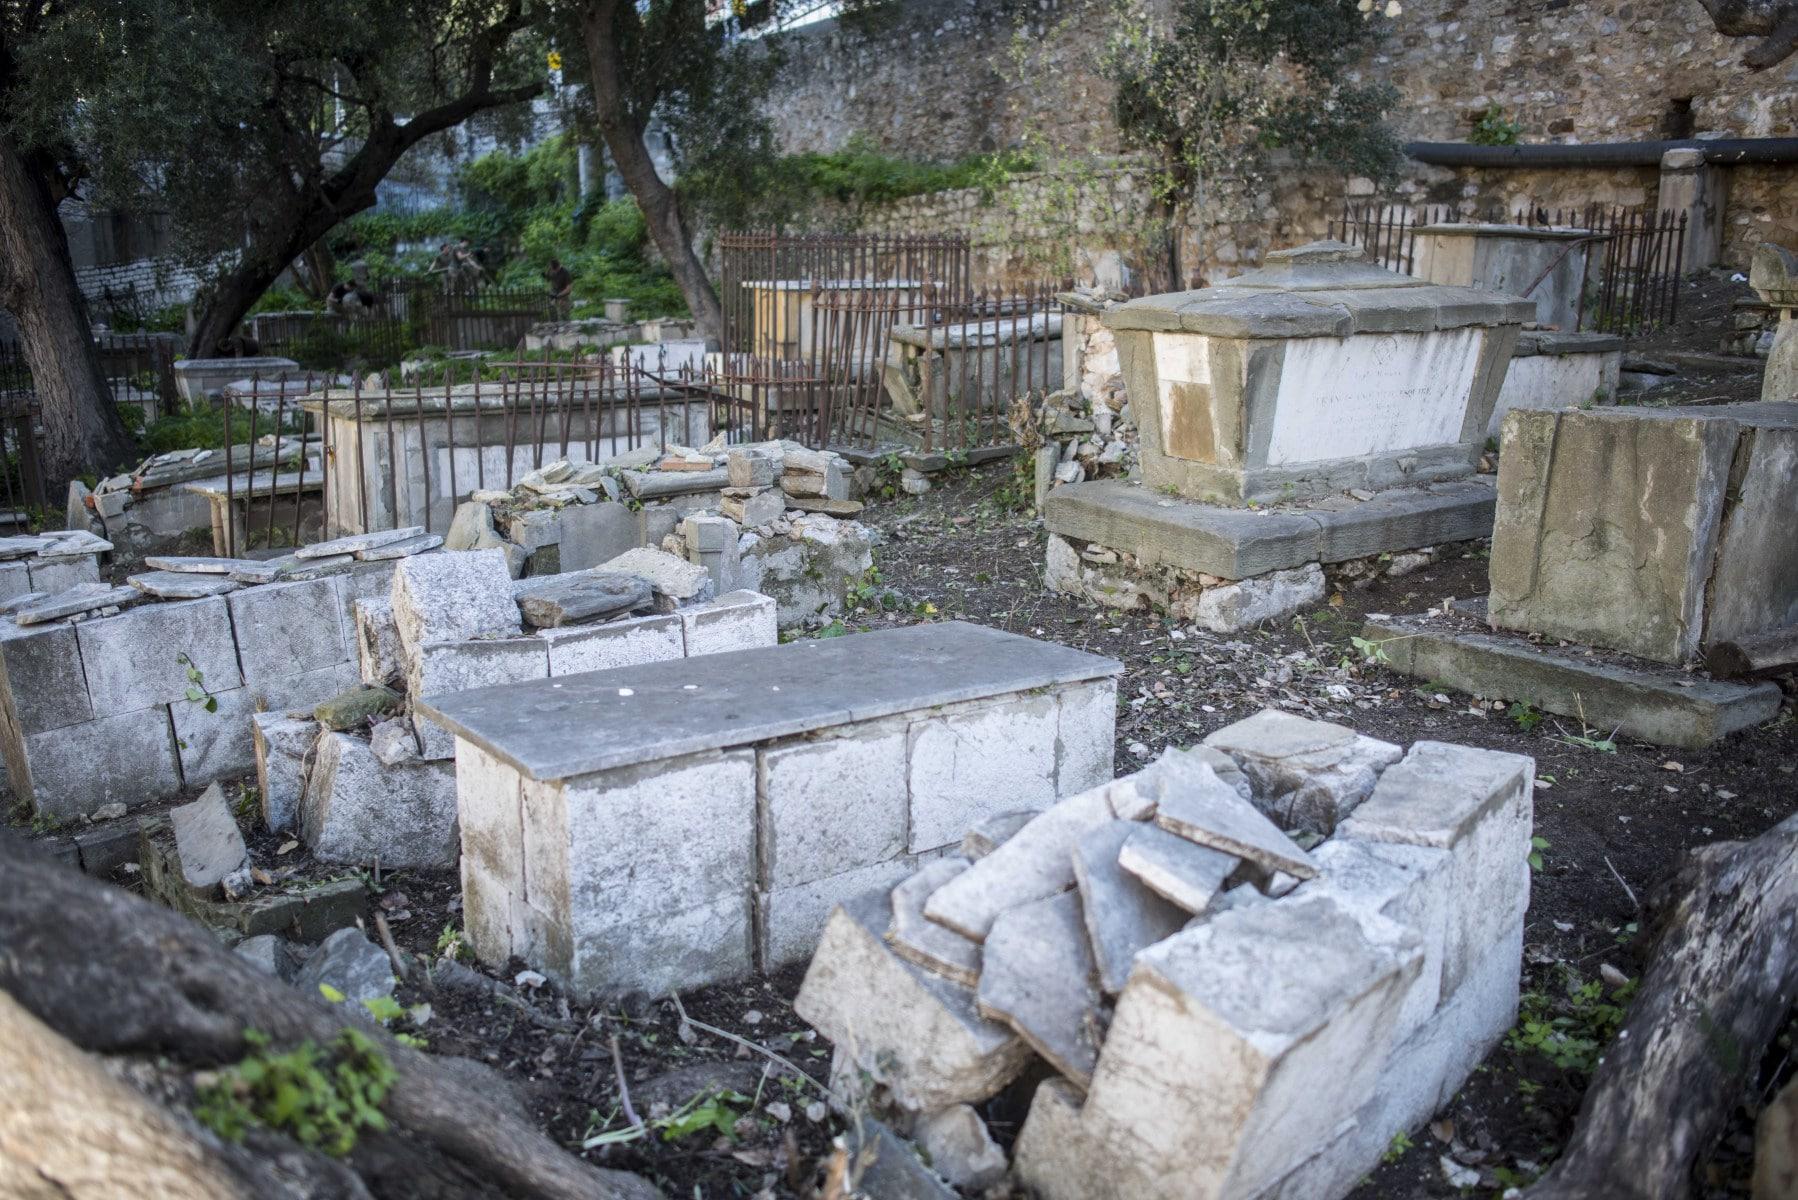 restauracin-cementerio-witham-21_25181984520_o